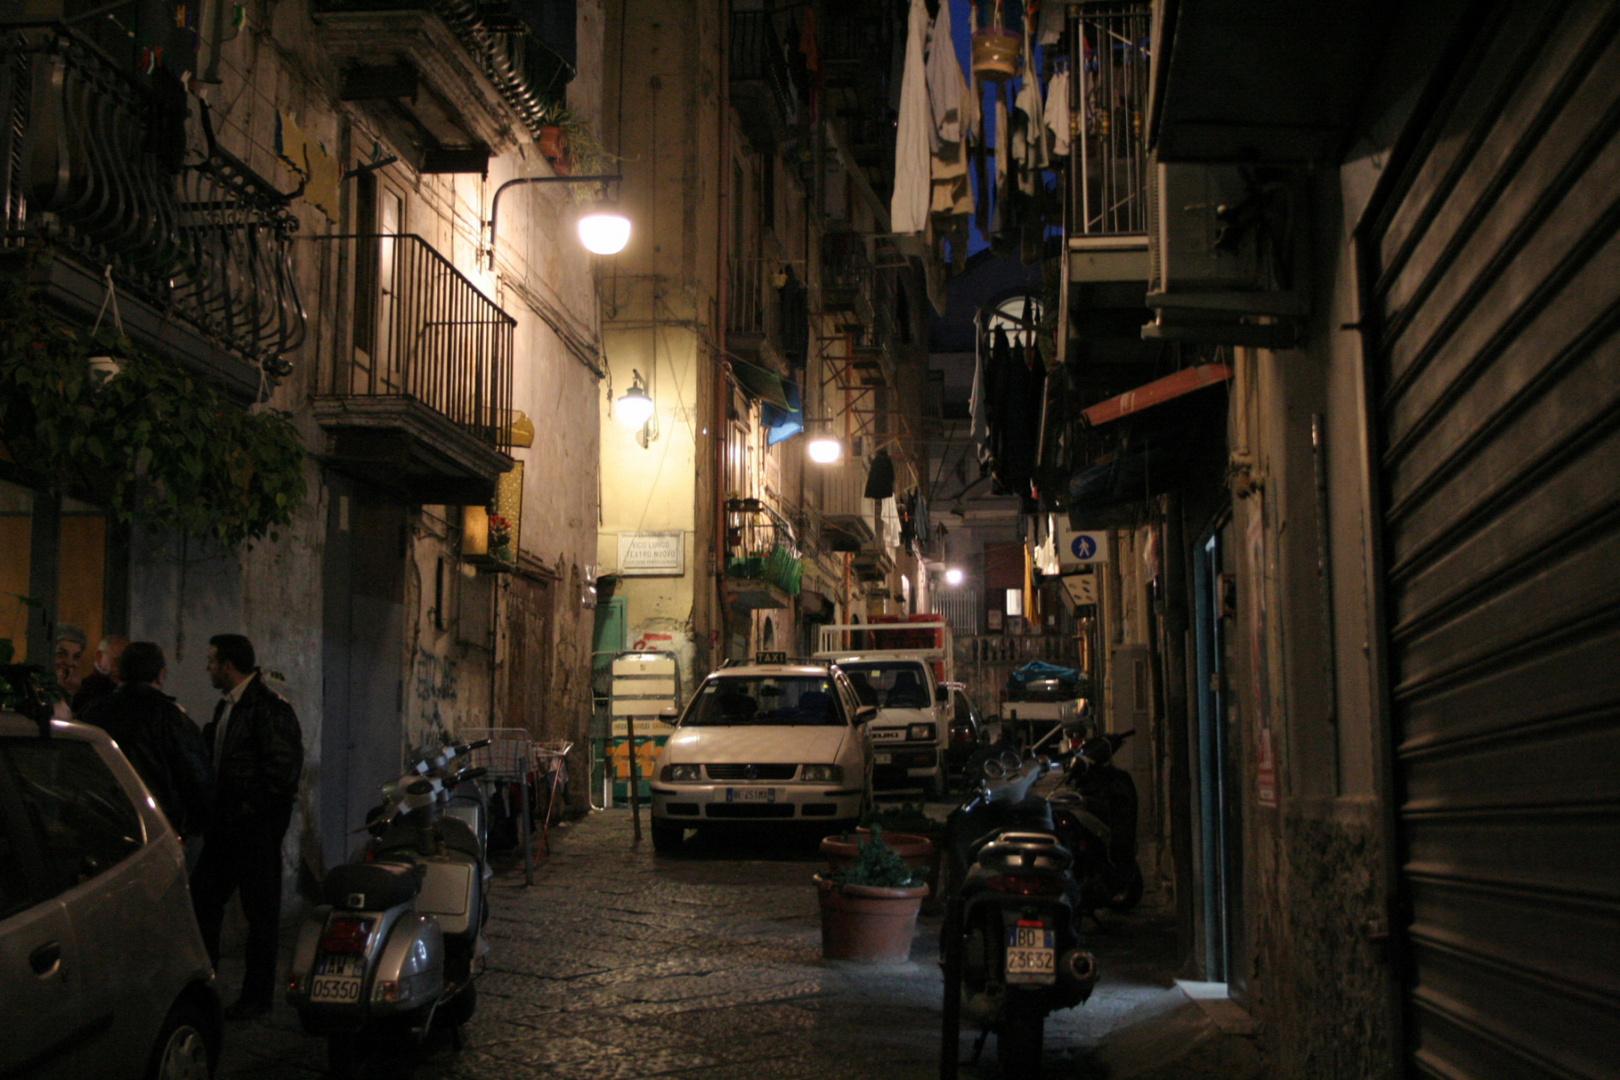 Neapel: Abend im spanischen Viertel